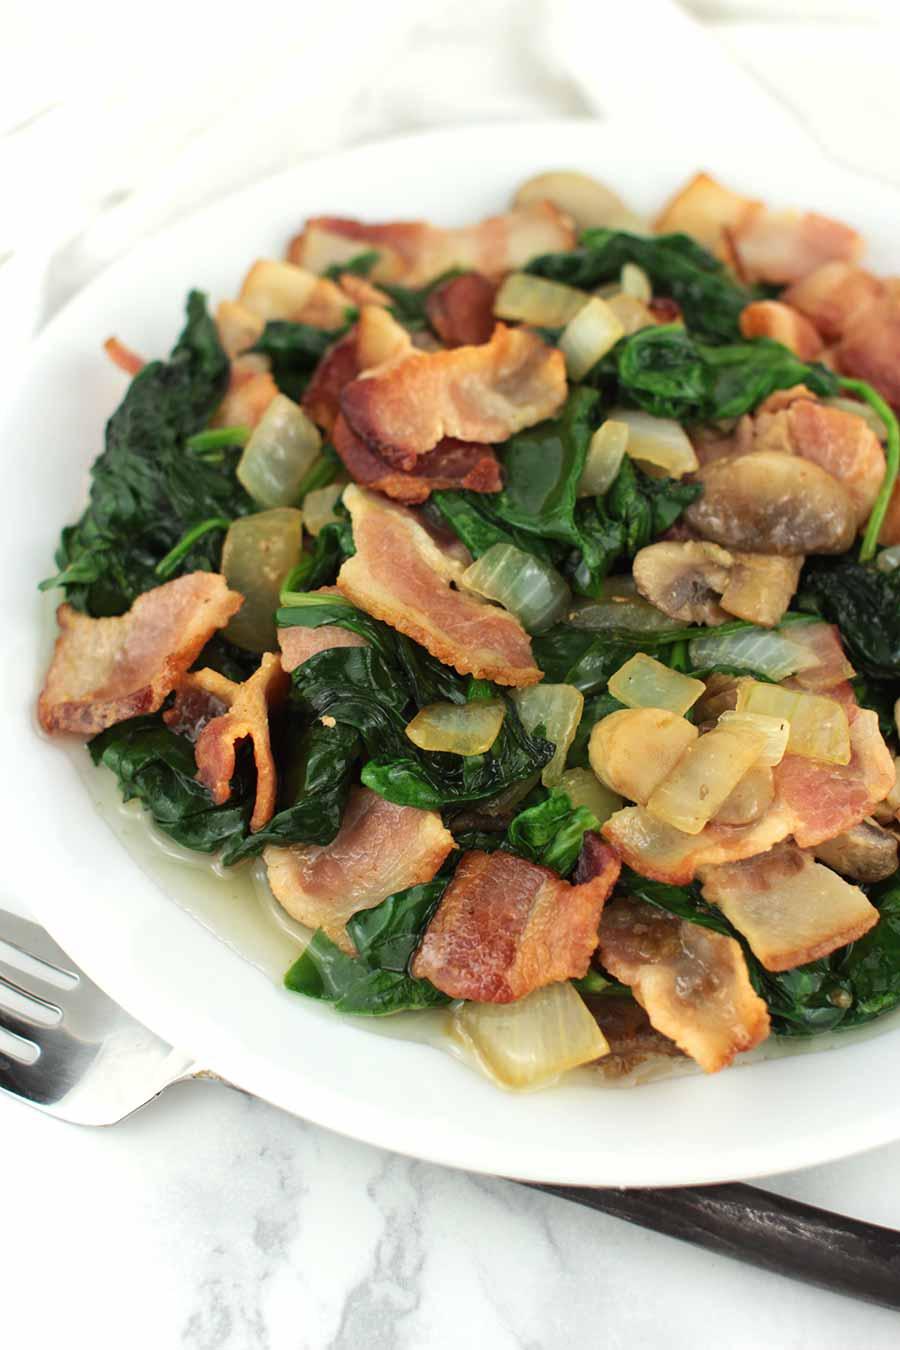 Mushroom Spinach Stir-Fry